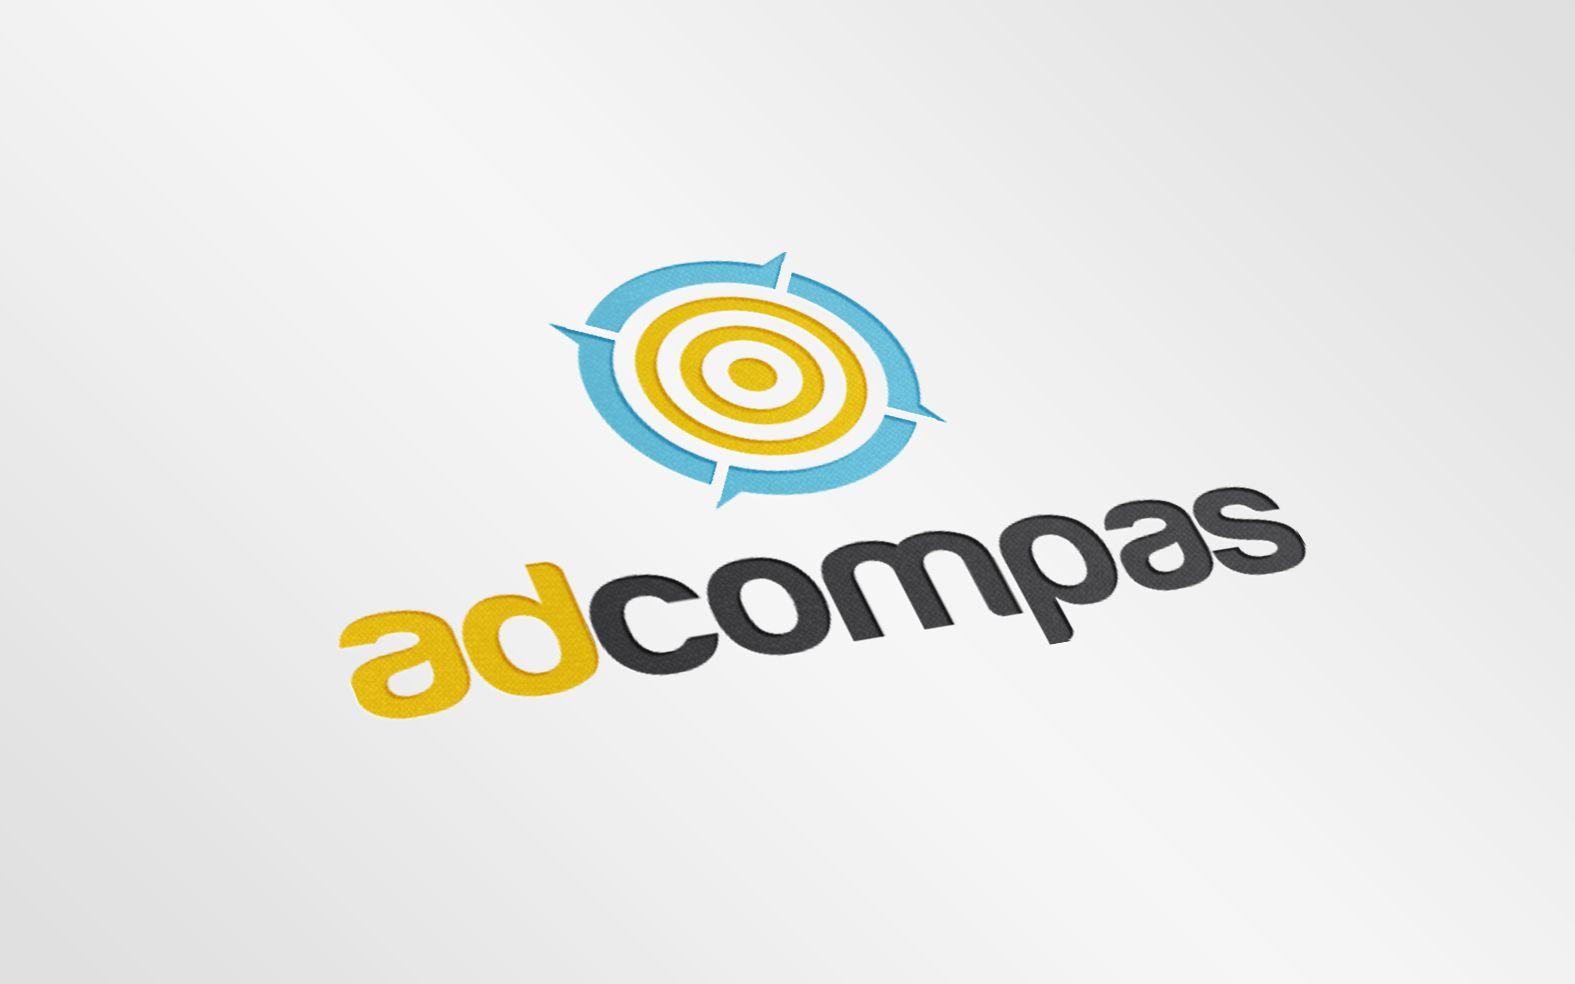 Нужен логотип для сайта рекламной компании СPA  - дизайнер andyul